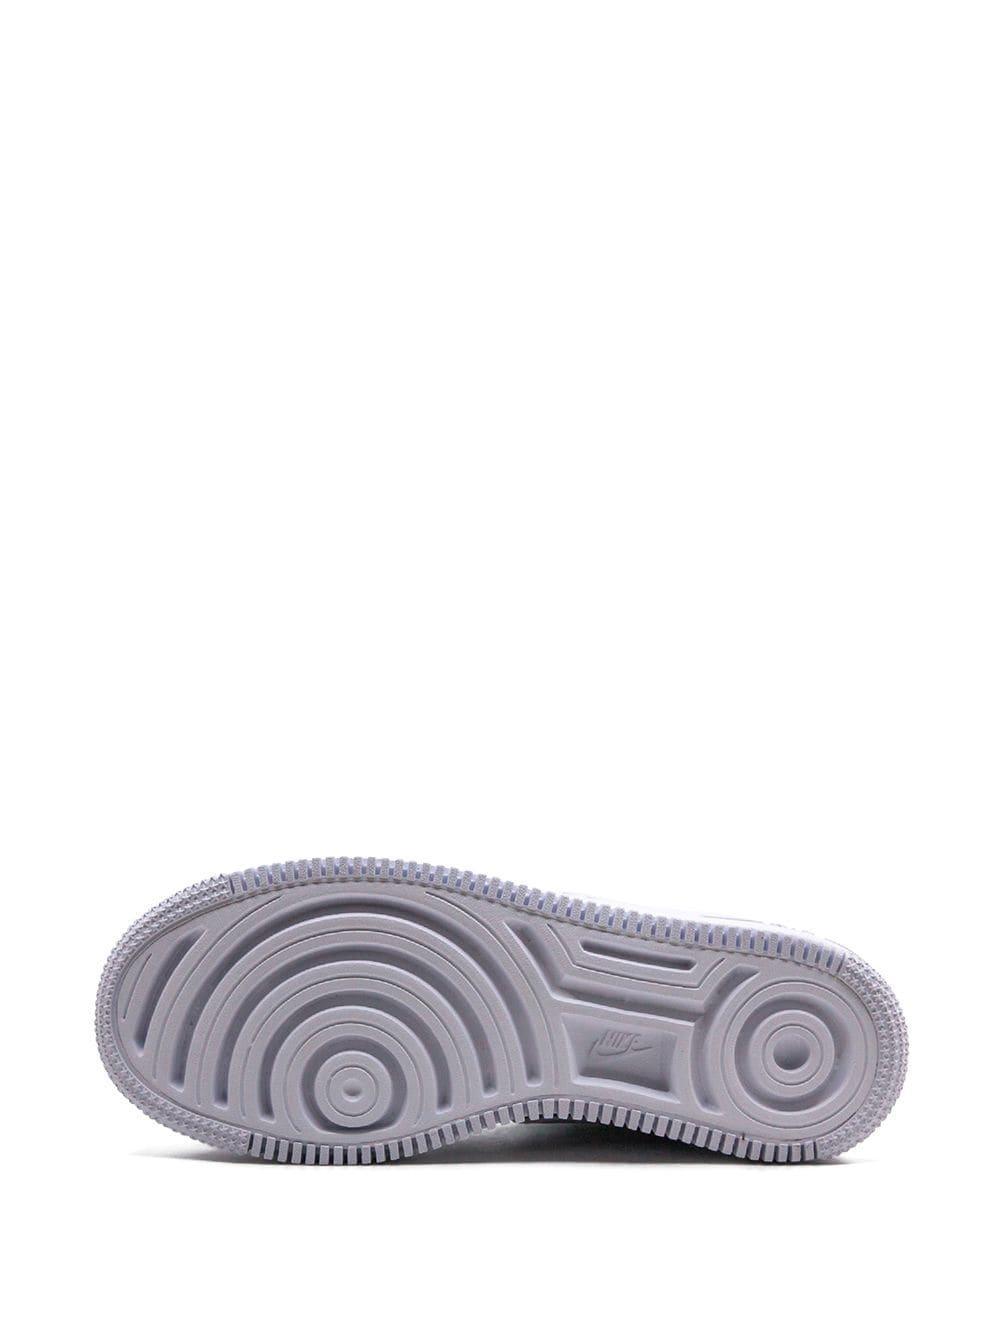 Zapatillas AF1 Upstep Hi LX Nike de Tejido sintético de color Blanco